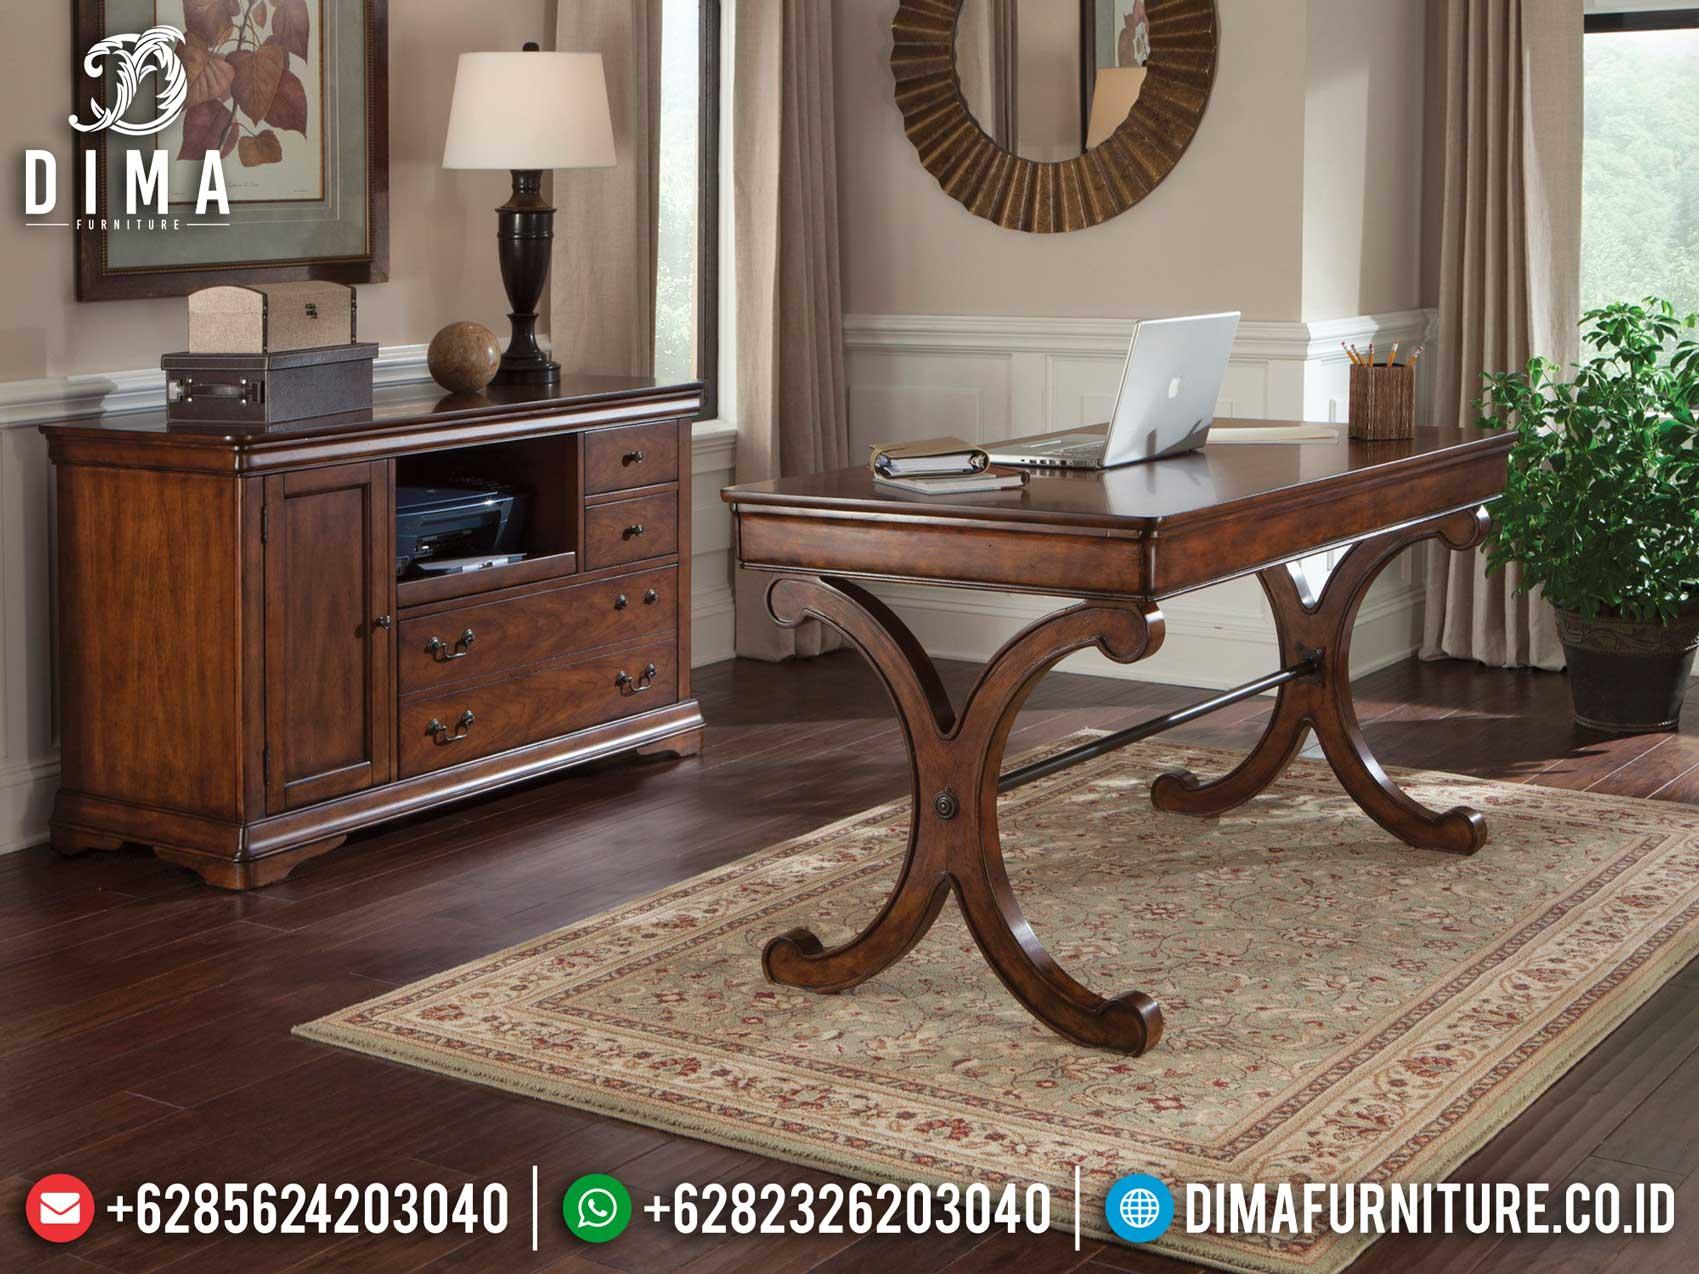 Meja Kantor Jati Minimalis Natural Salak Dark Brown Simple Design ST-1048